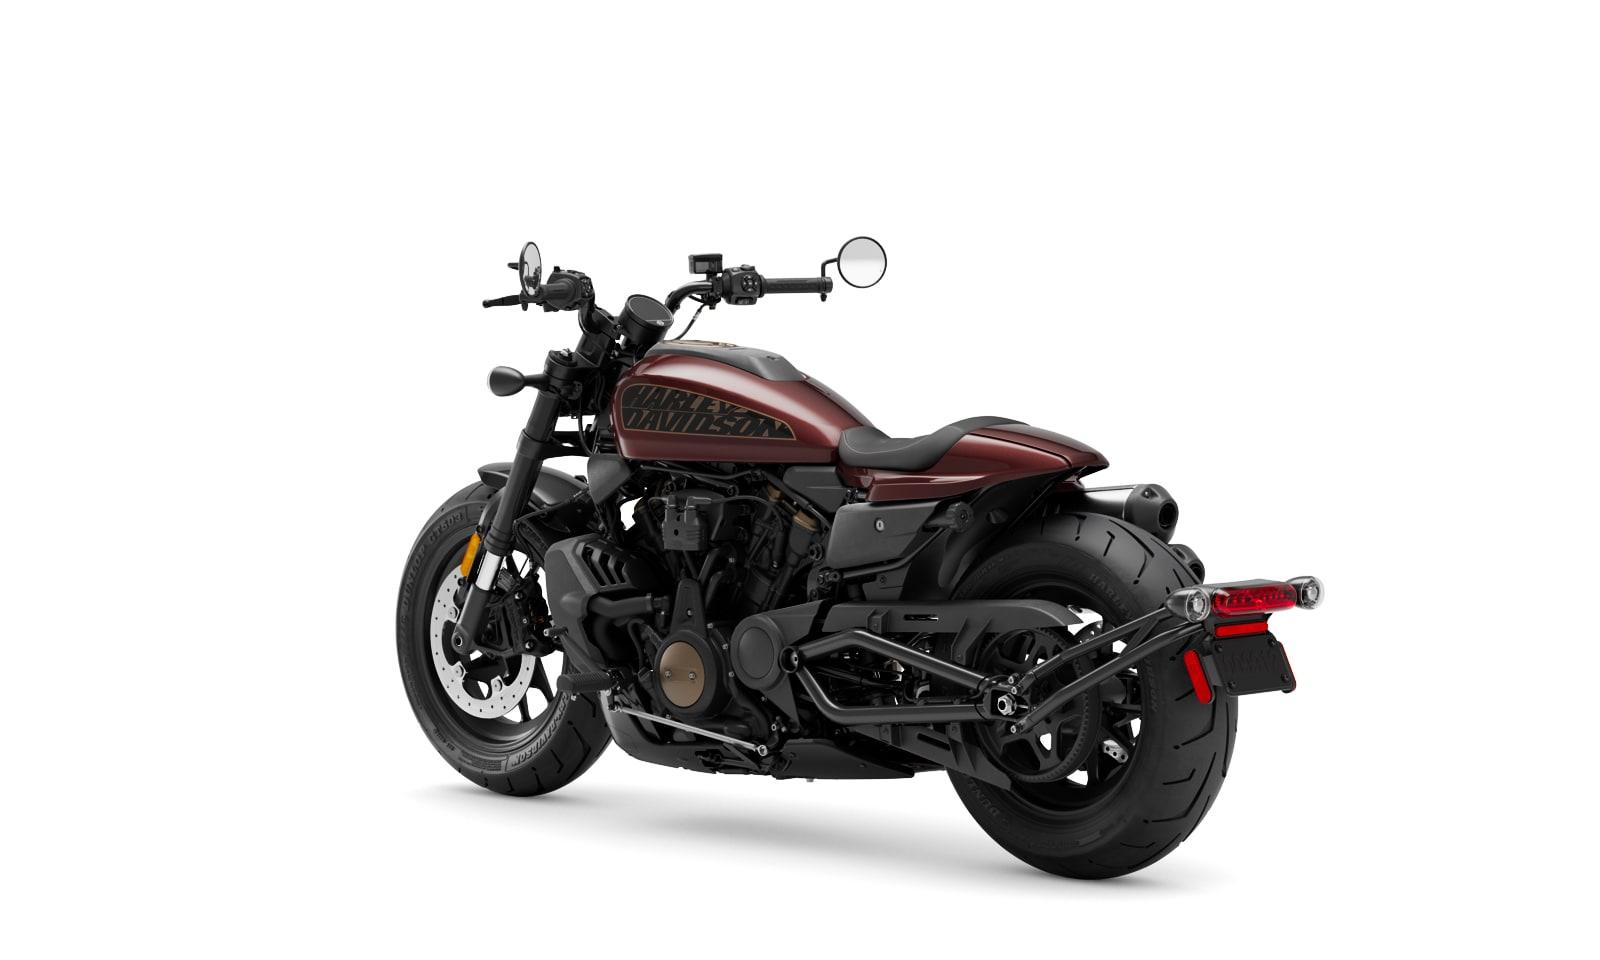 Sportster S - Harley Davidson Sportster S Erstaunlich